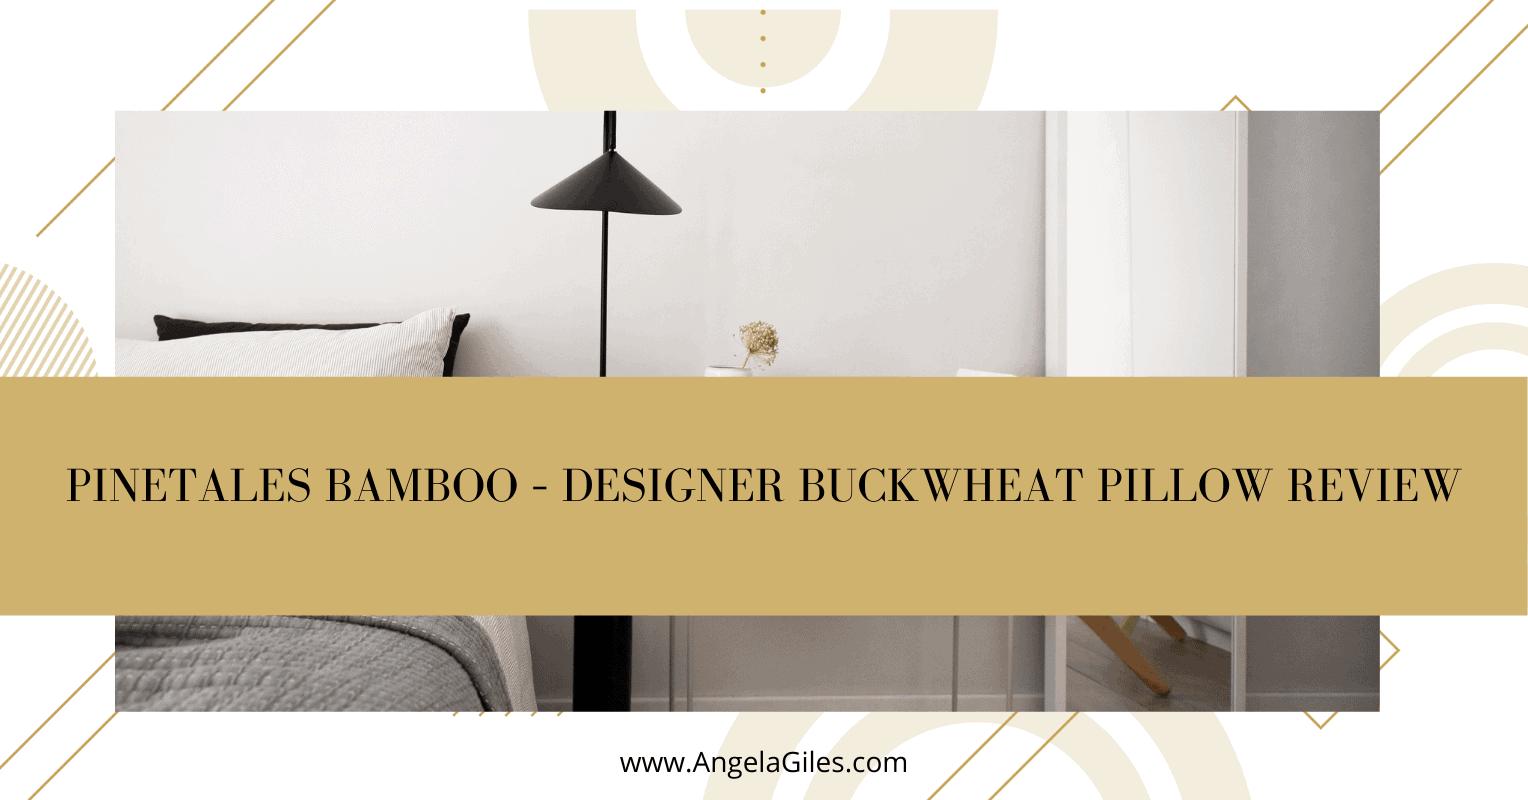 designer buckwheat pillow review